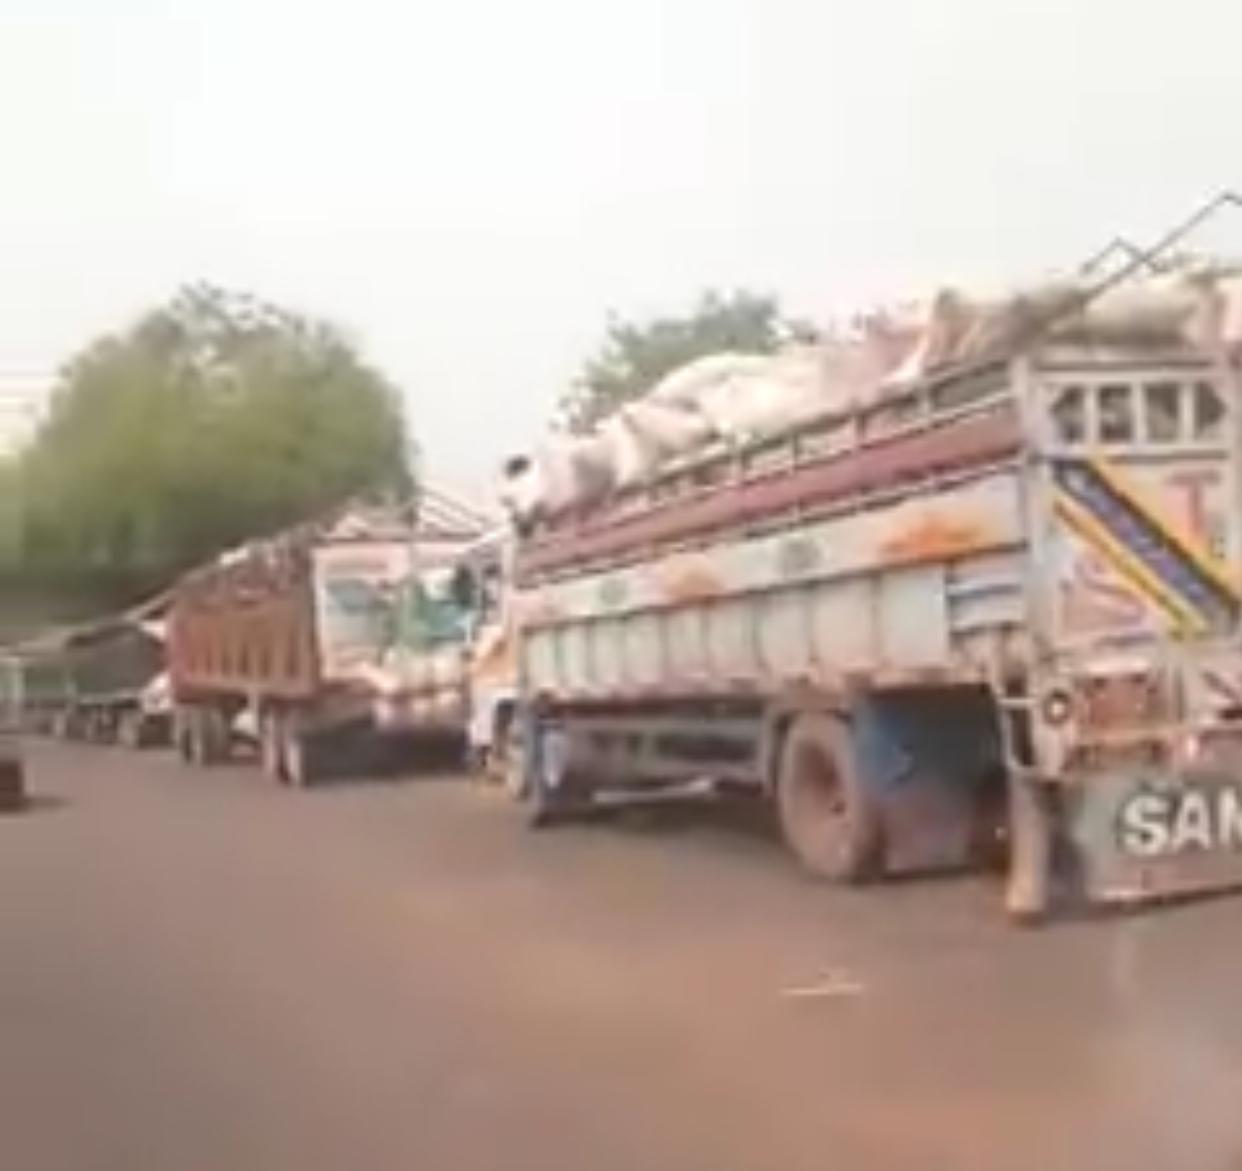 Food trucks marooned in Niger state